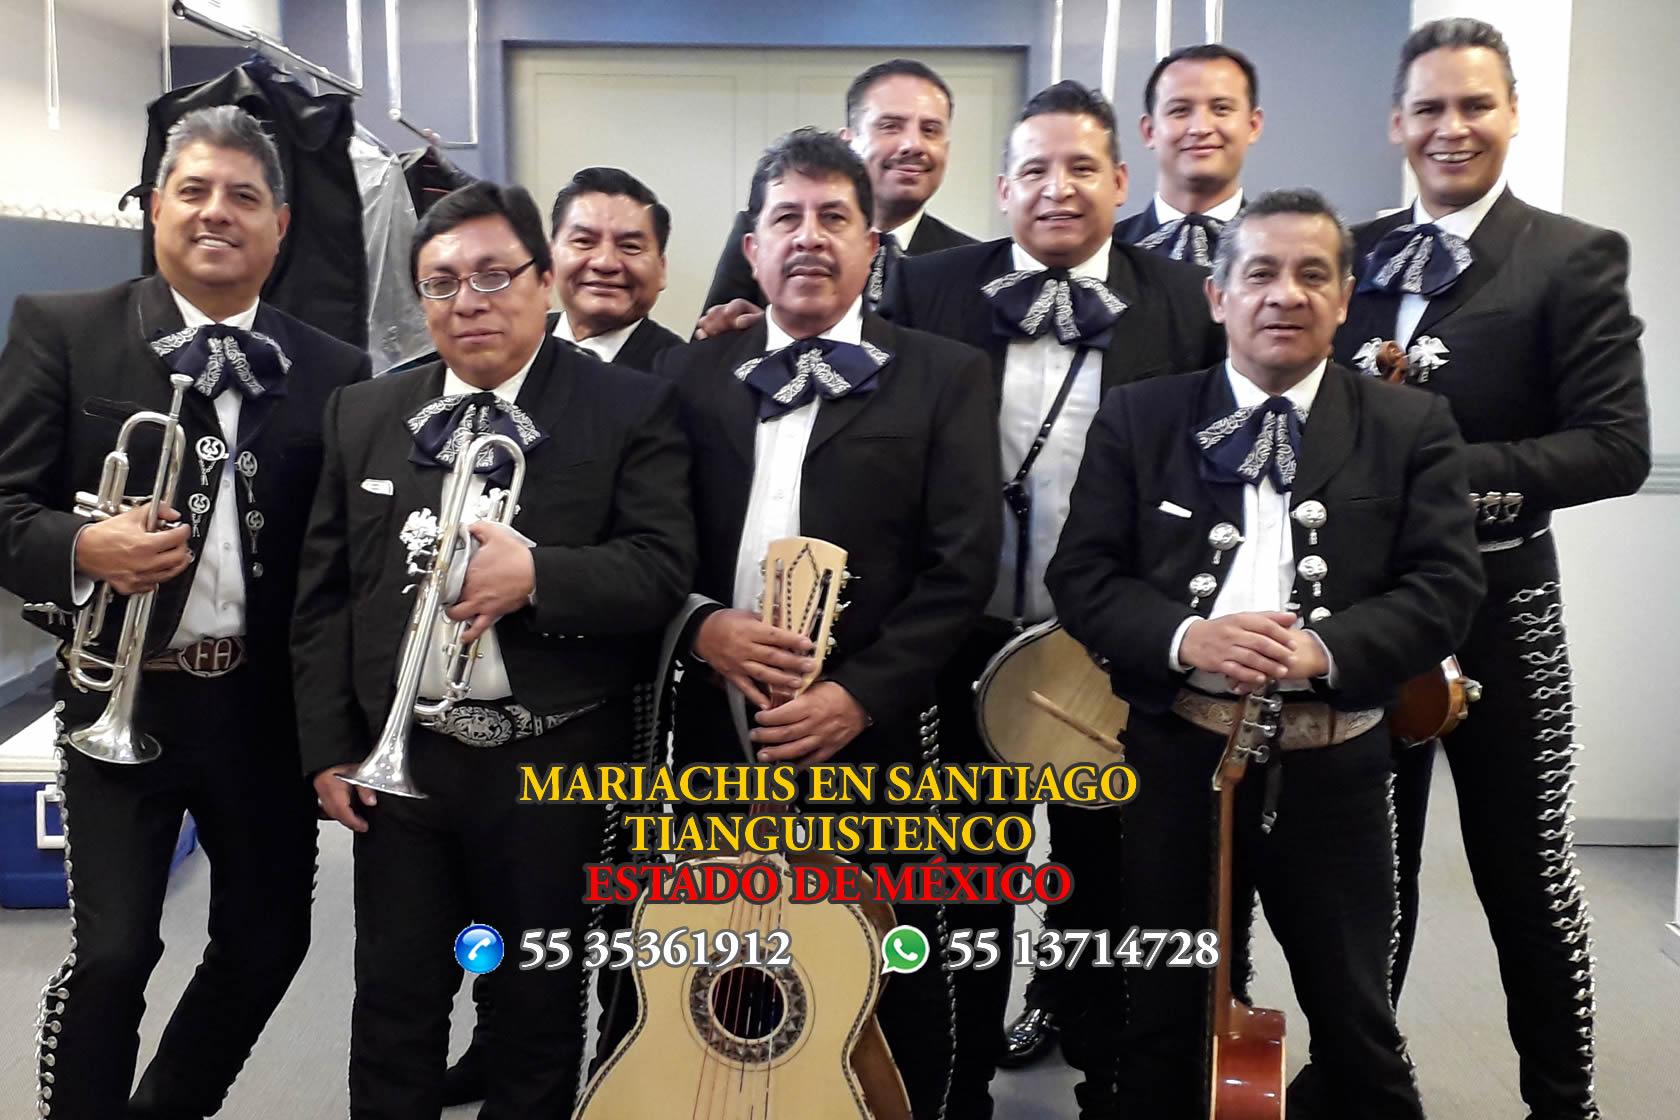 Mariachis en Santiago Tianguistenco